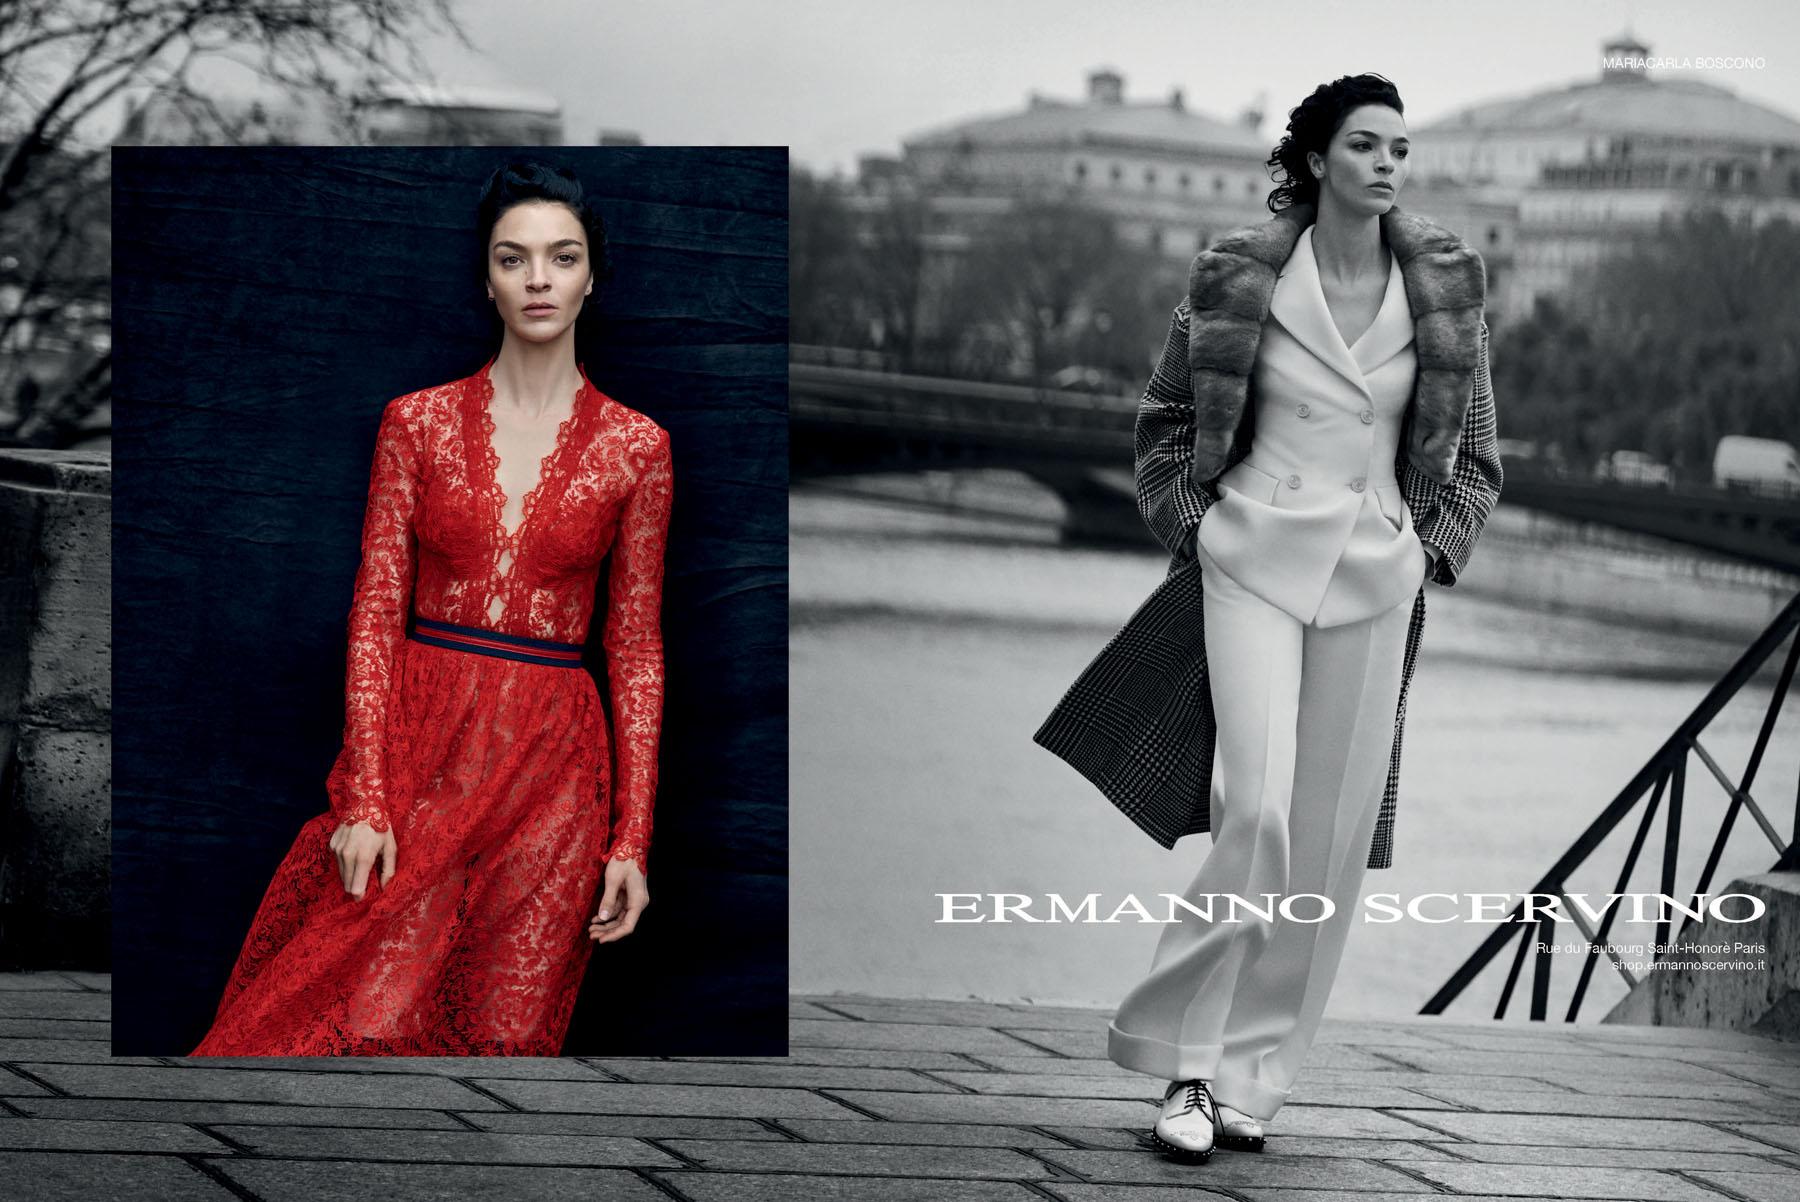 Ermanno-Scervino-fall-2017-ad-campaign-01-1